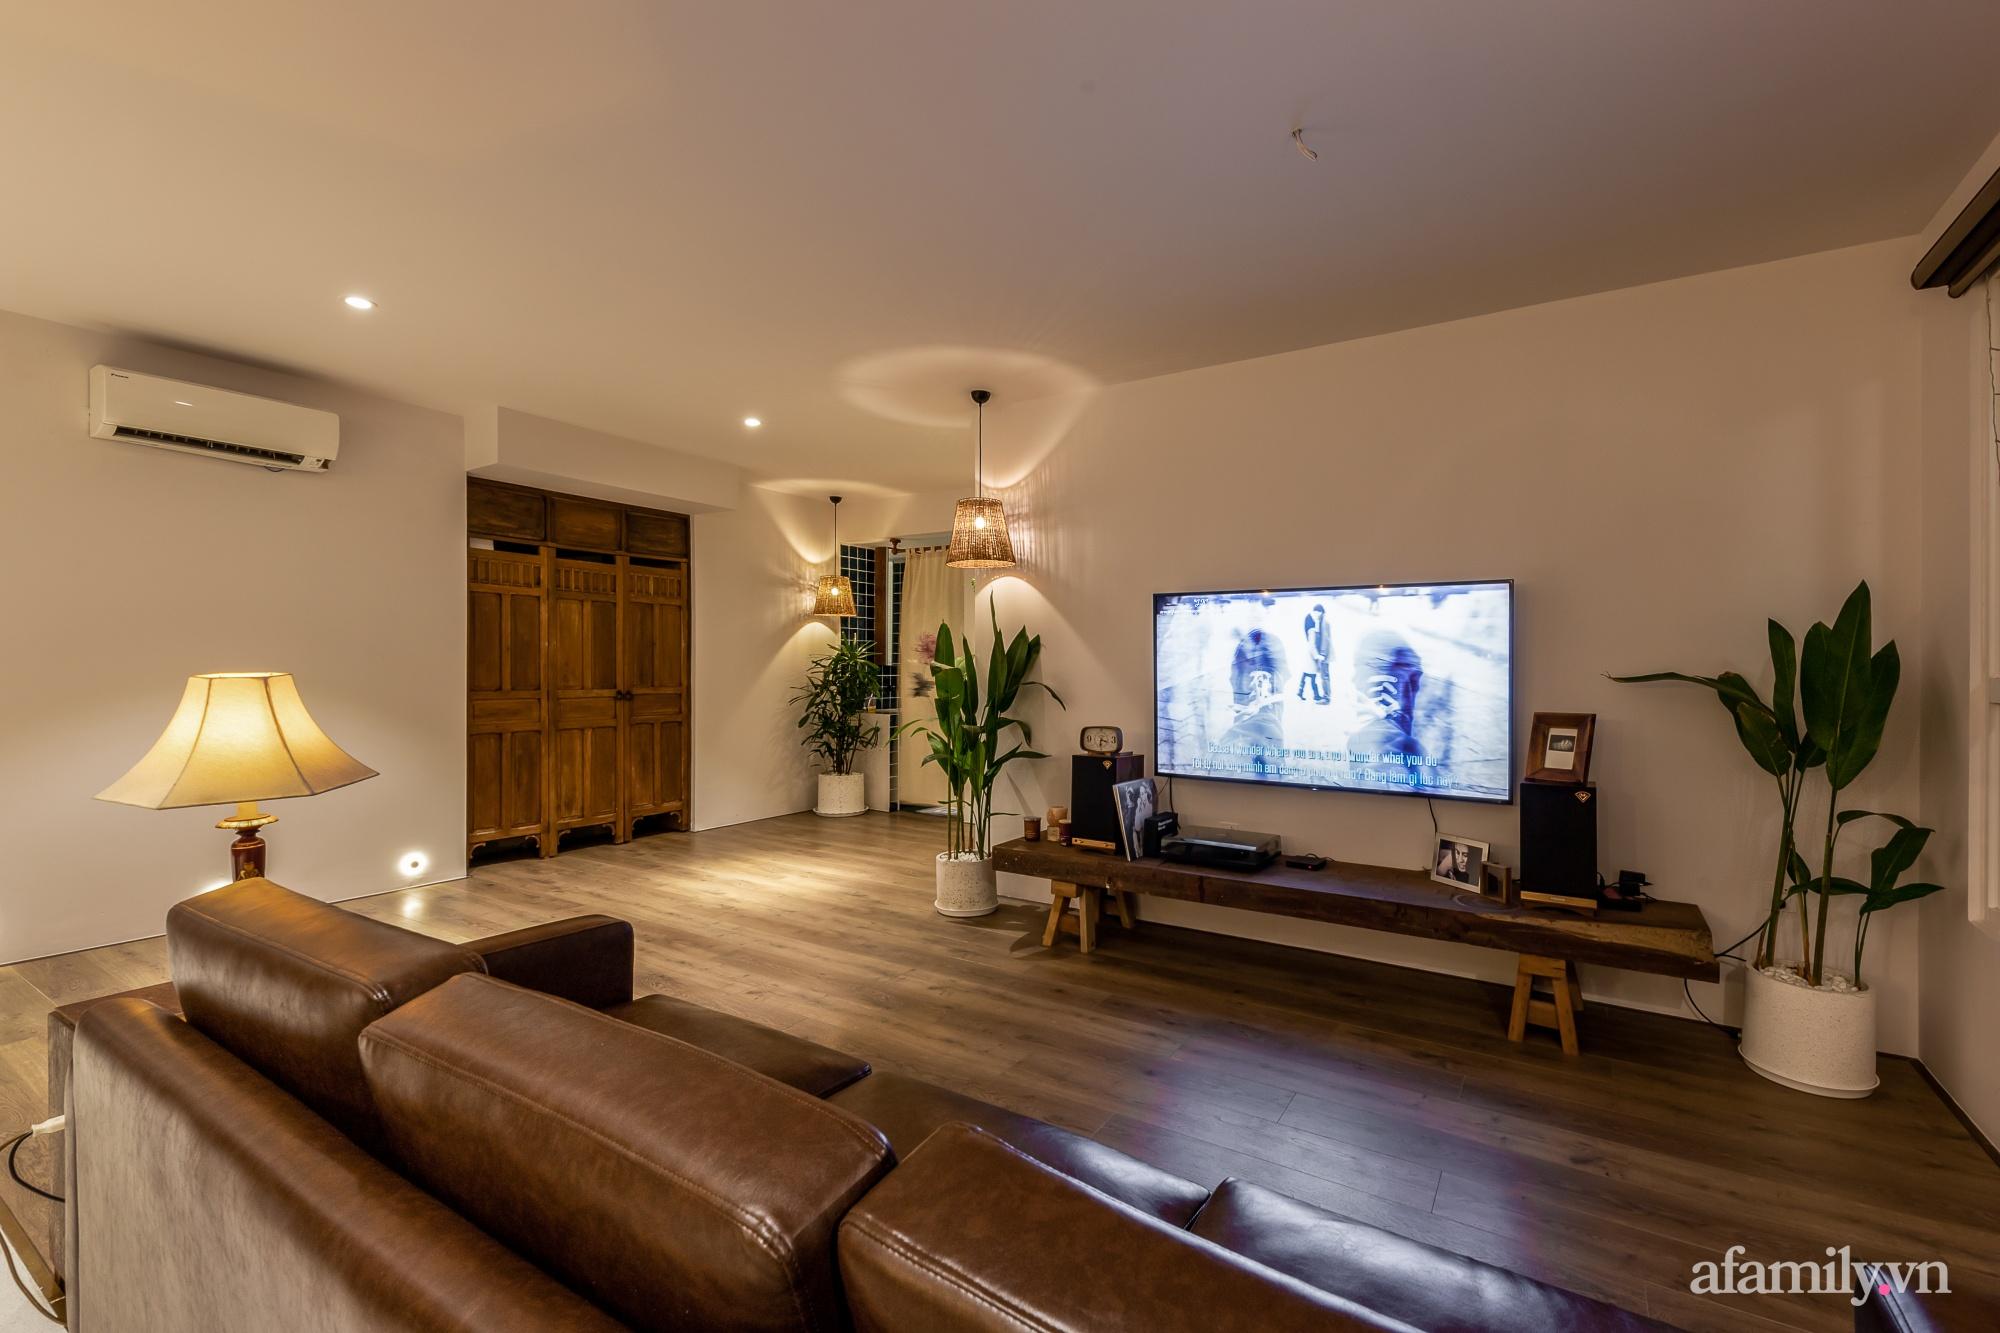 Căn hộ 90m² mang hơi thở Đông Dương vào kiến trúc hiện đại đầy nghệ thuật và sự tinh tế ở Q2, TP. HCM - Ảnh 18.